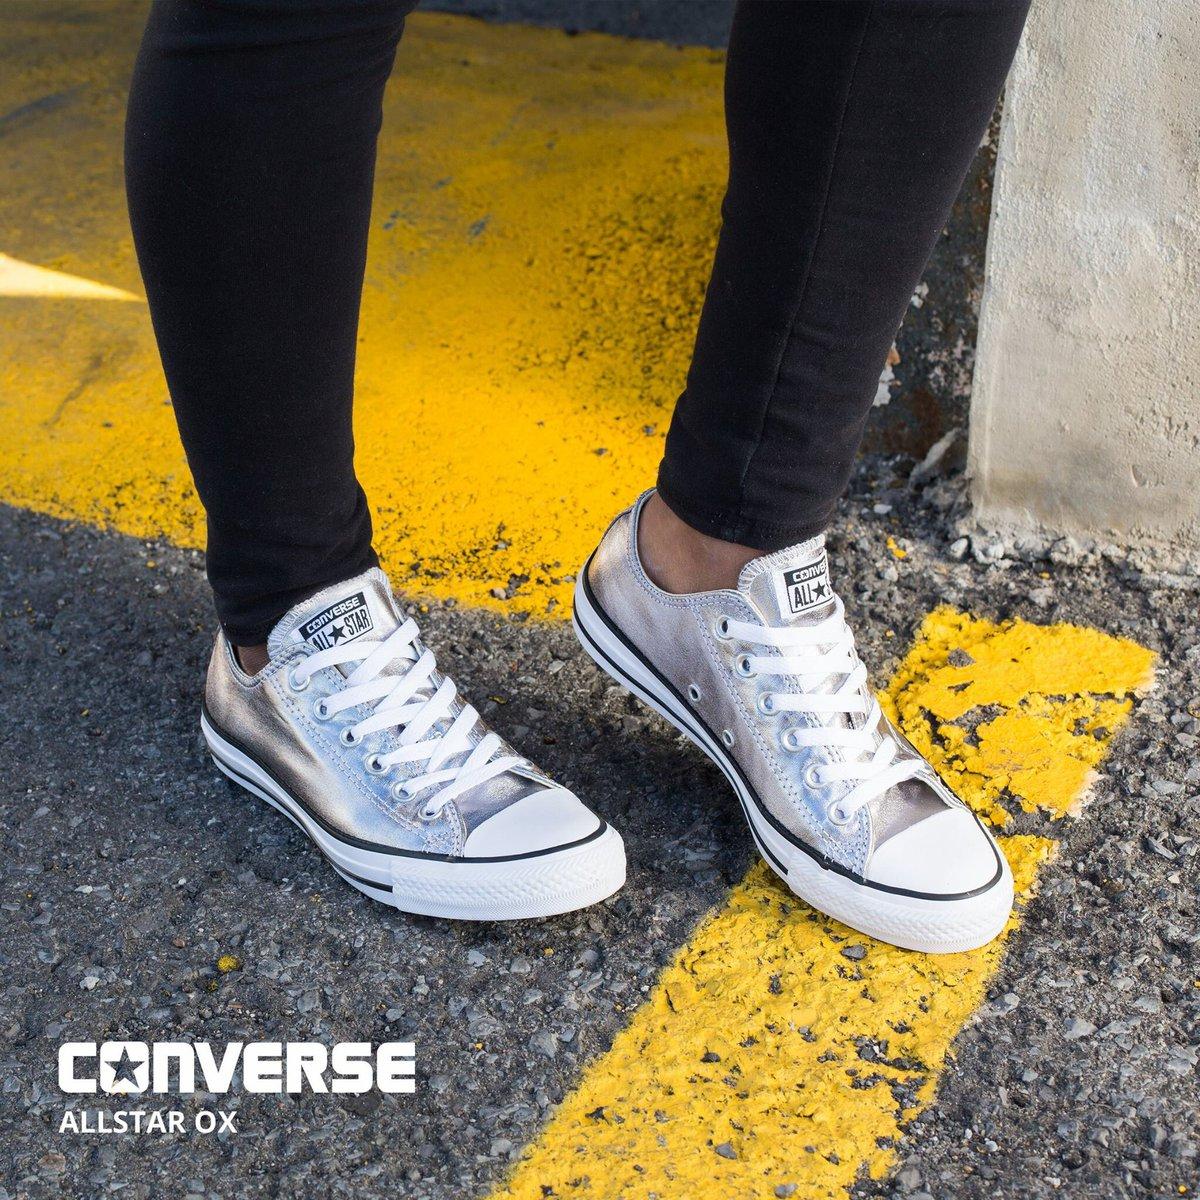 chaussure rubino converse